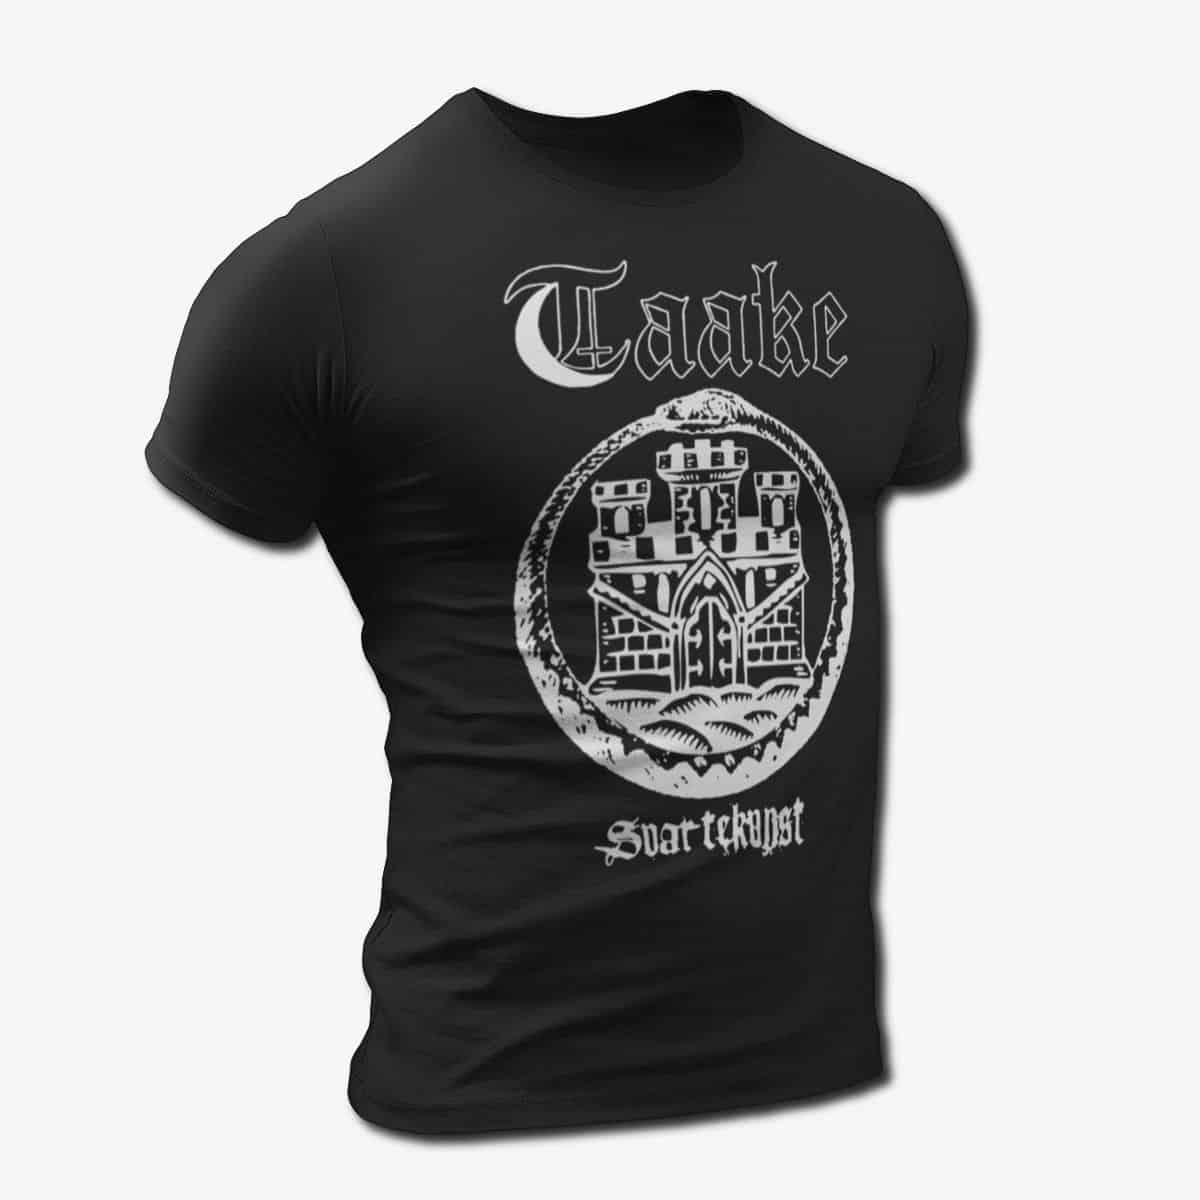 05bc4773 Taake Band T-Shirt, Taake Svartekunst Tee, Black Metal Merch – Metal ...